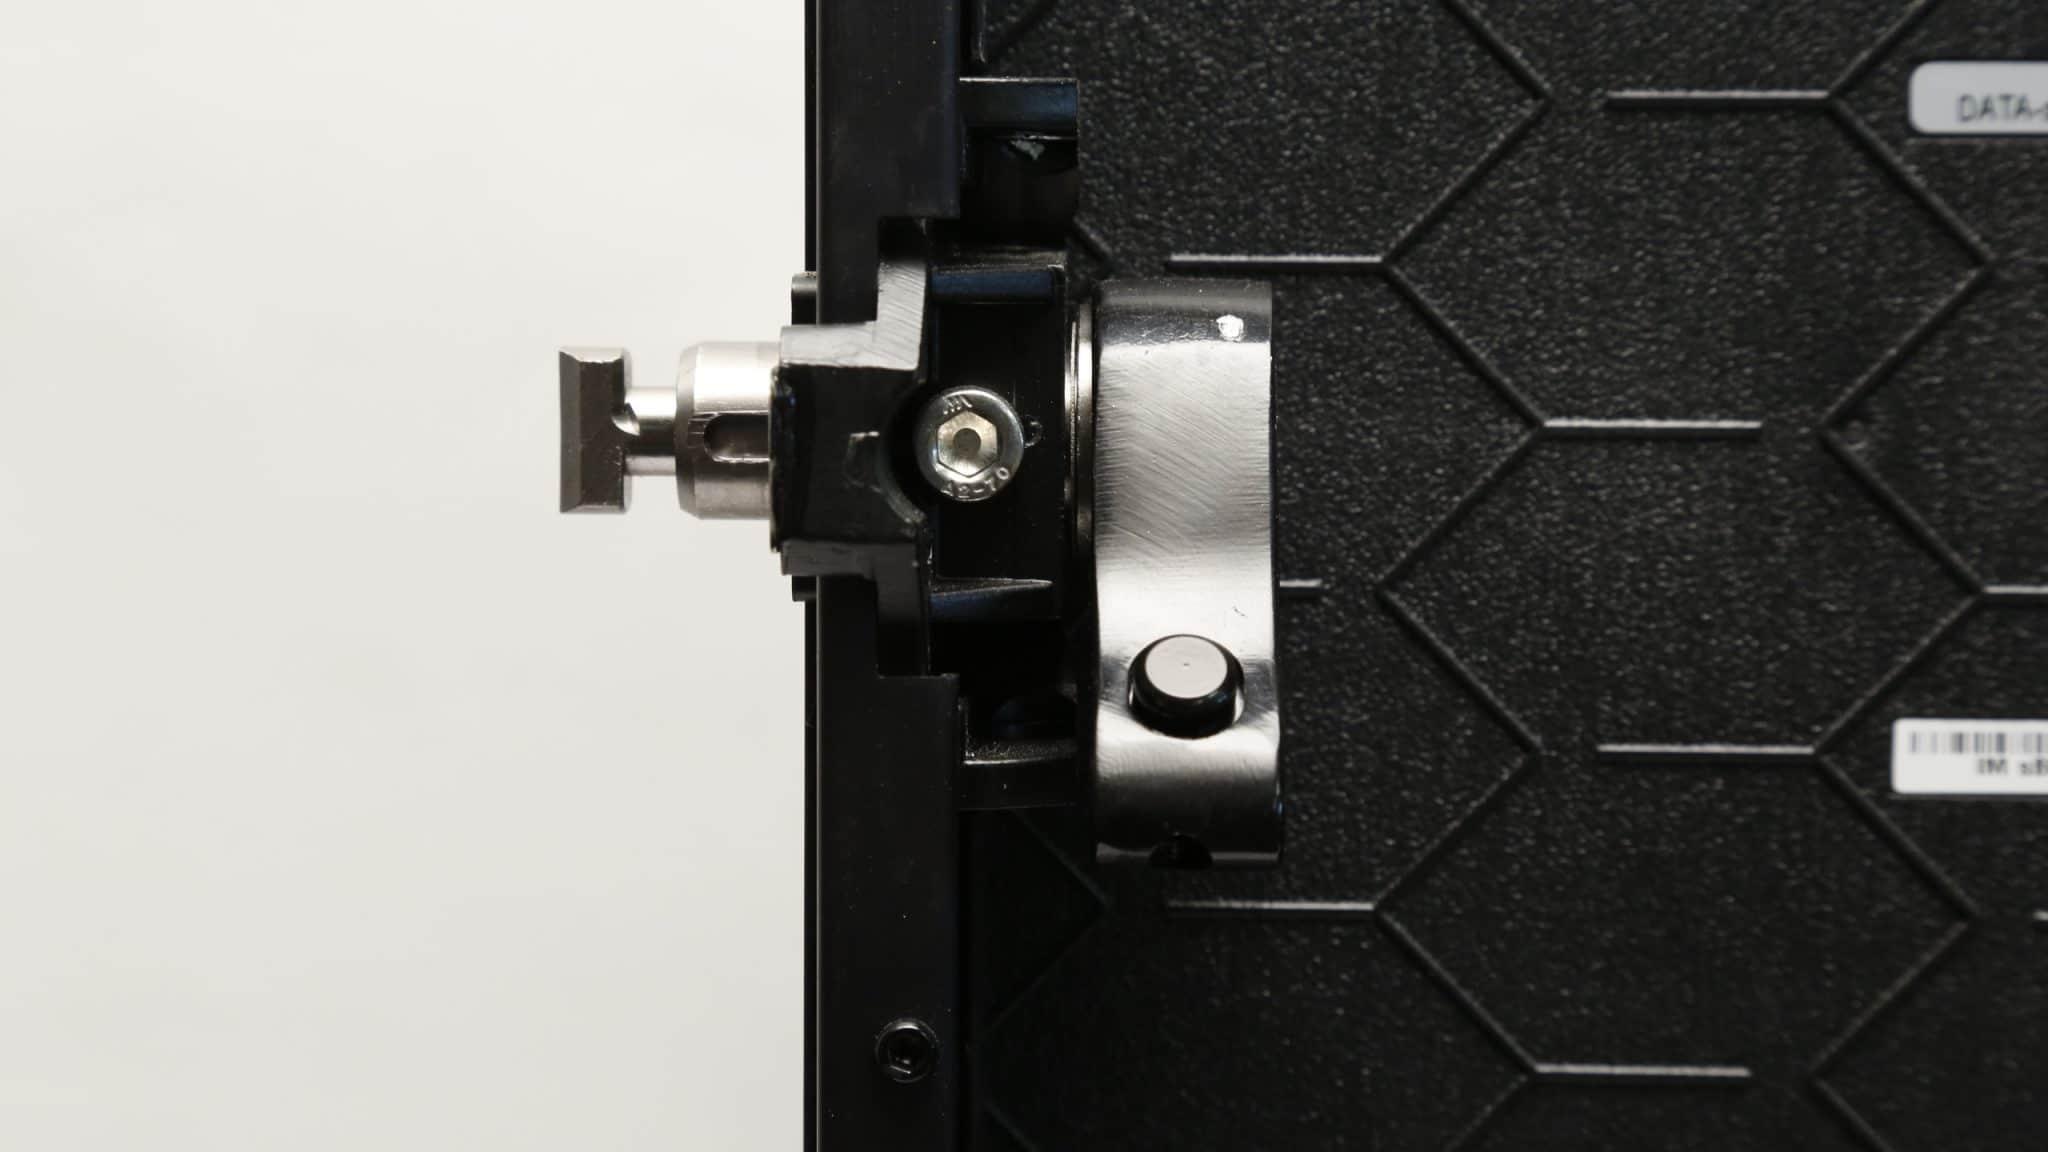 LEDitgo sB8 Lock